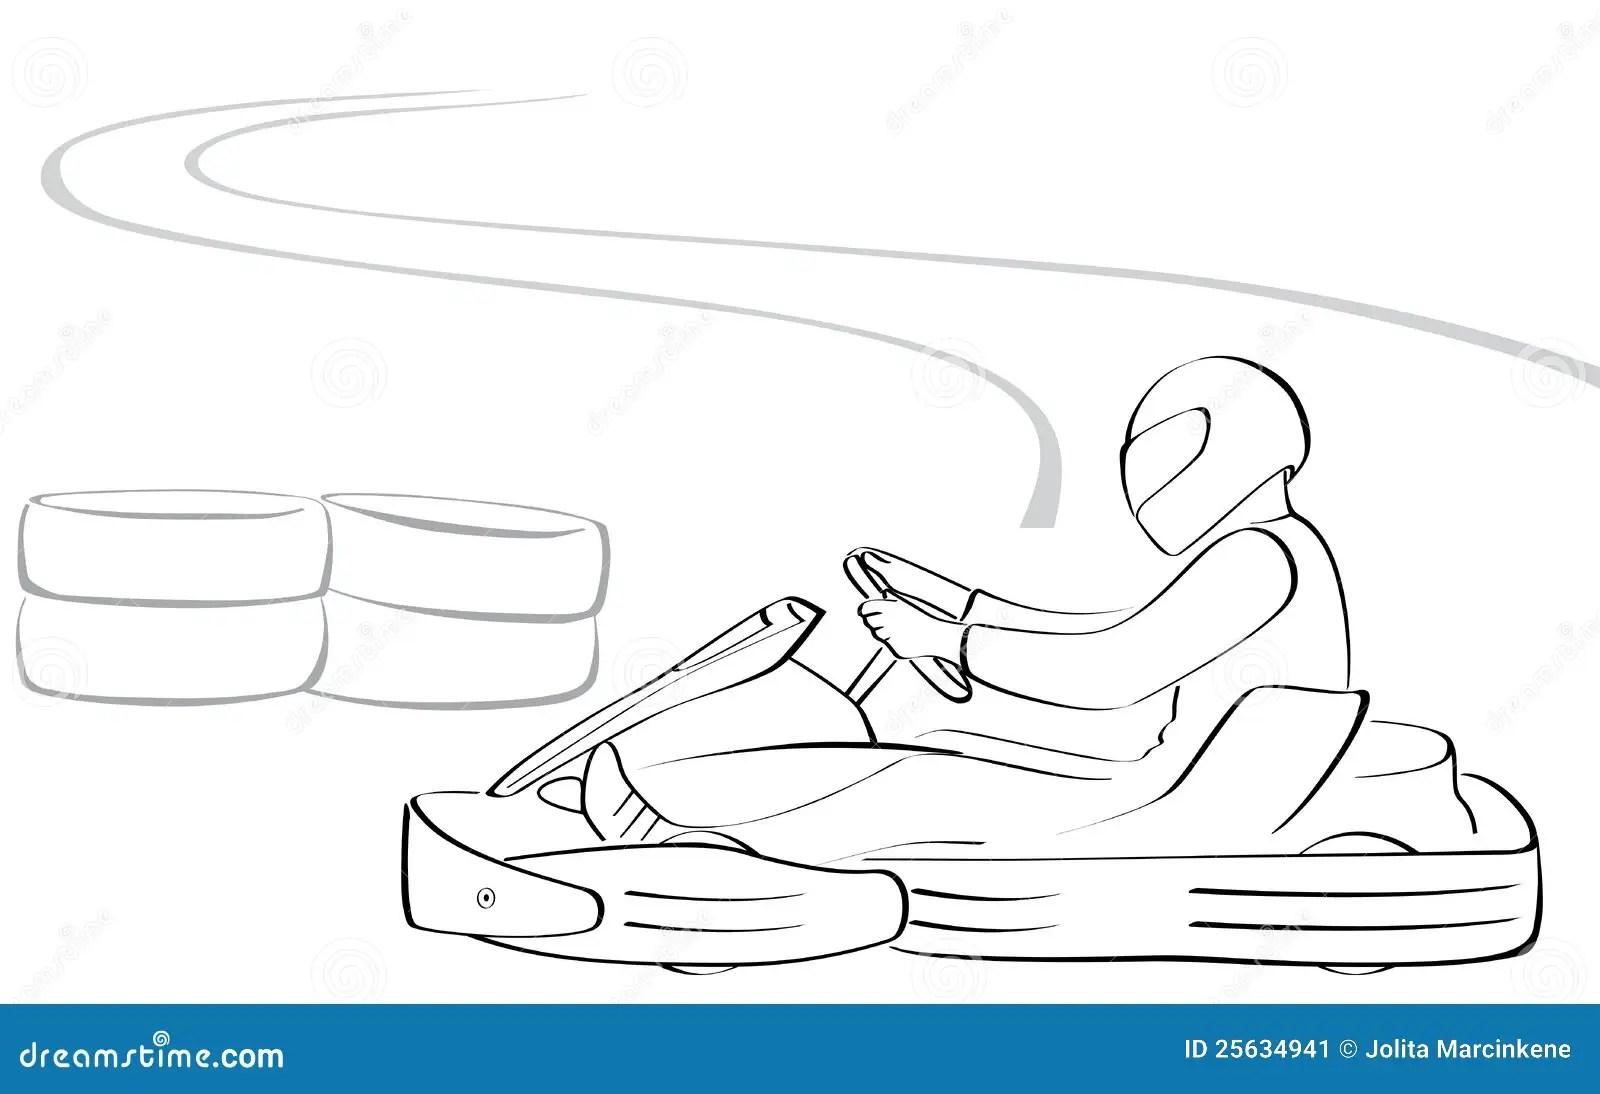 Go Kart Stock Image